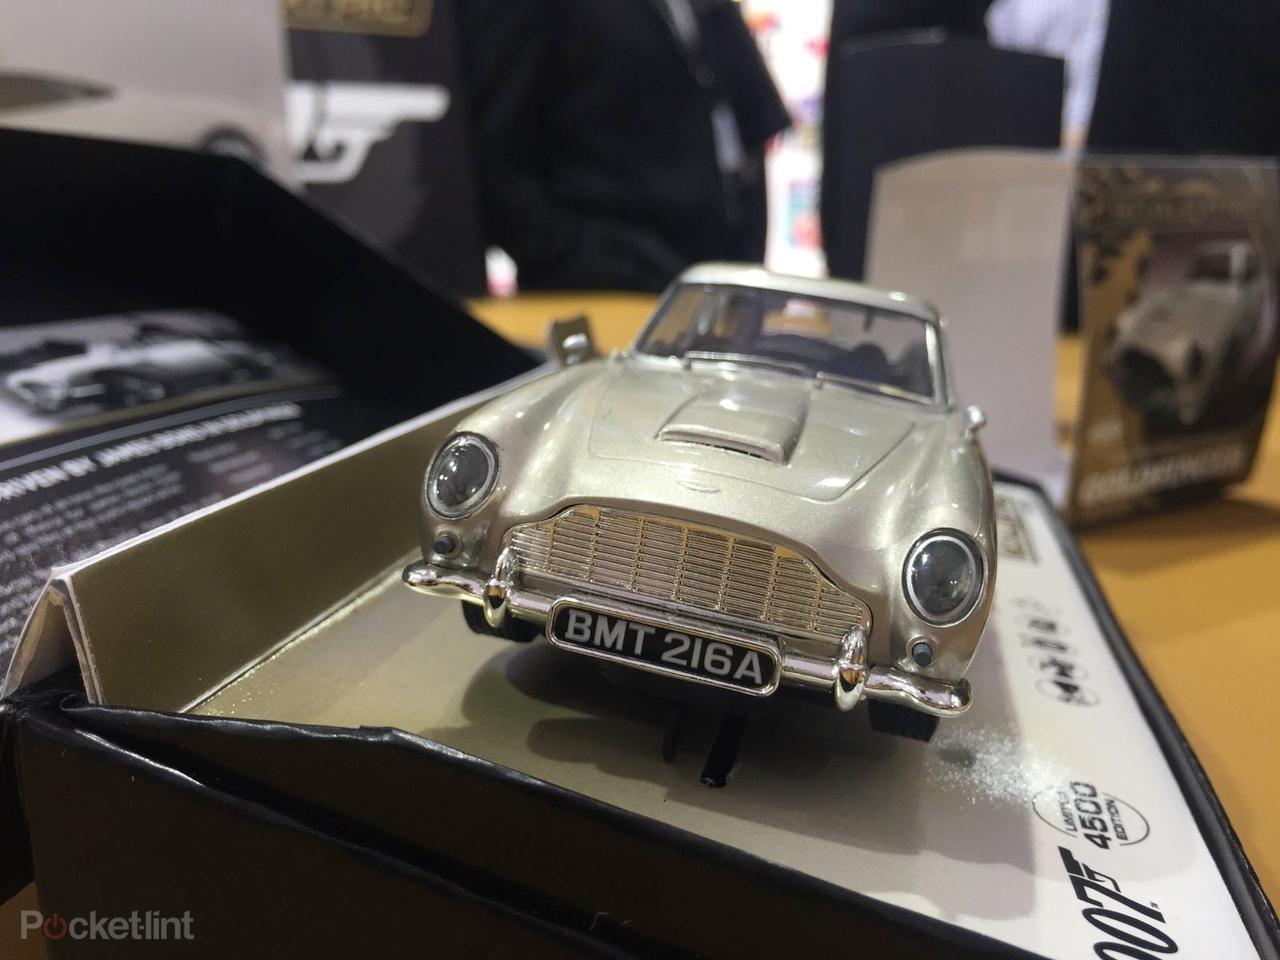 ... Bonda v Astonu Martin DB10 soupeřit s Franzem Oberhauserem v Jaguaru  C-X75. Zda se autodráha tvarem omezí na osmičku na snímcích 471f63fe080